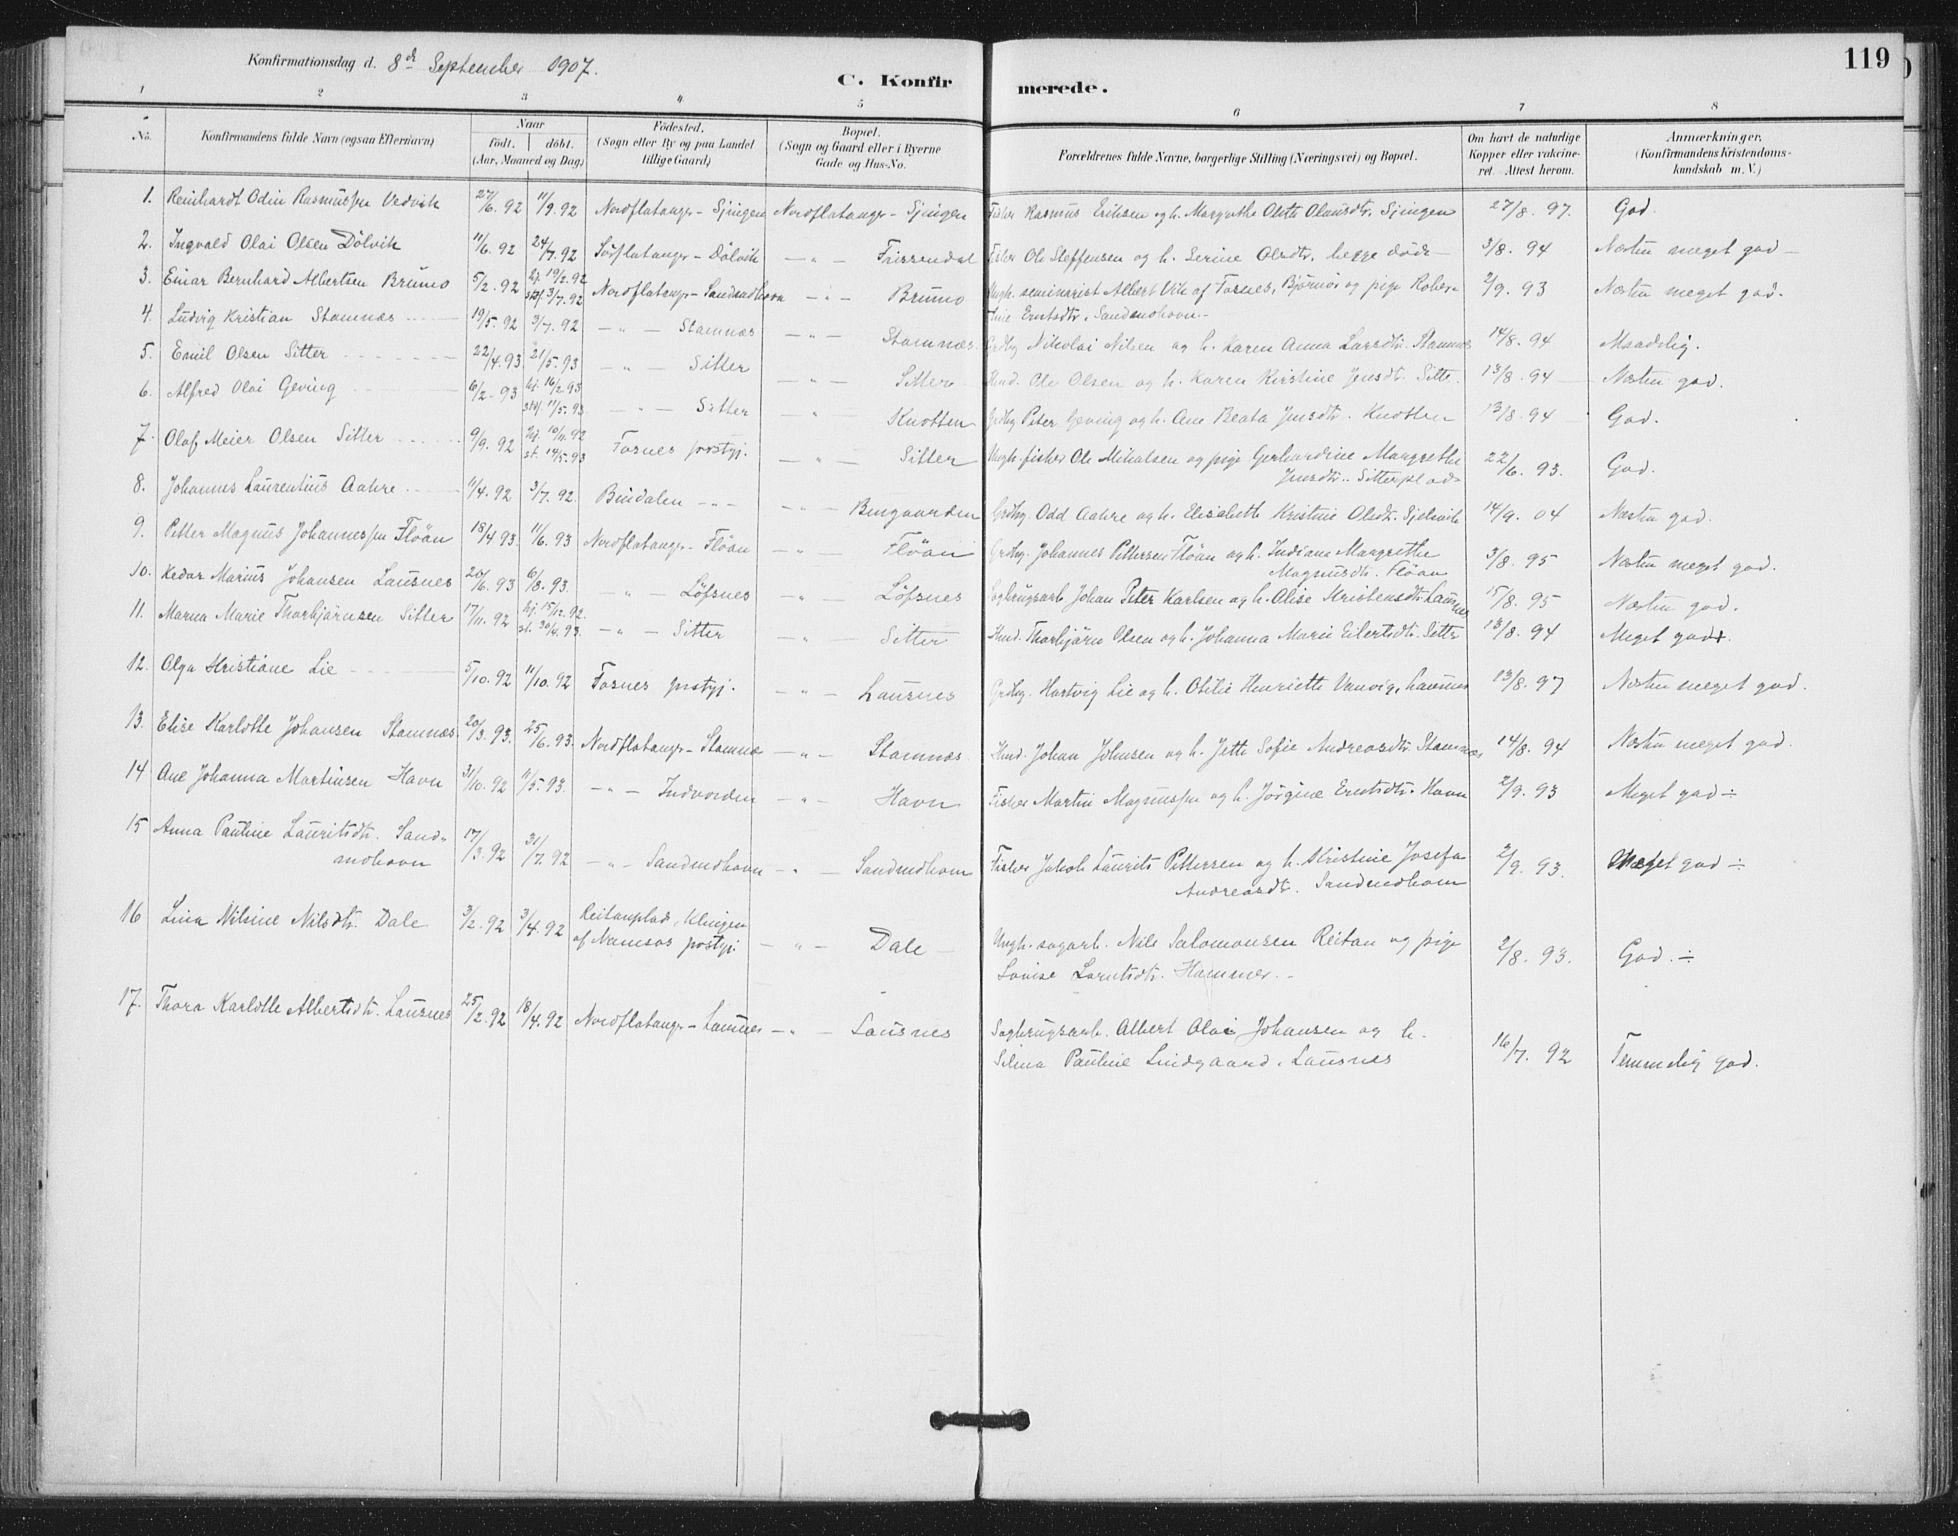 SAT, Ministerialprotokoller, klokkerbøker og fødselsregistre - Nord-Trøndelag, 772/L0603: Ministerialbok nr. 772A01, 1885-1912, s. 119